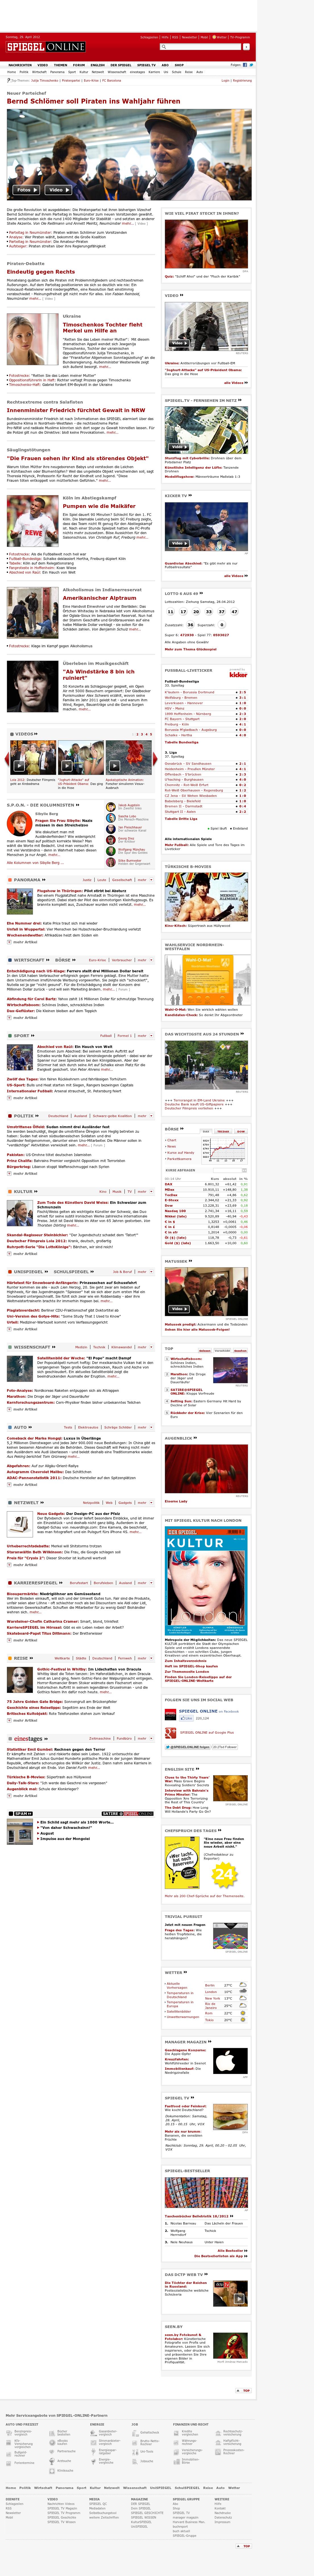 Spiegel Online at Saturday April 28, 2012, 10:15 p.m. UTC